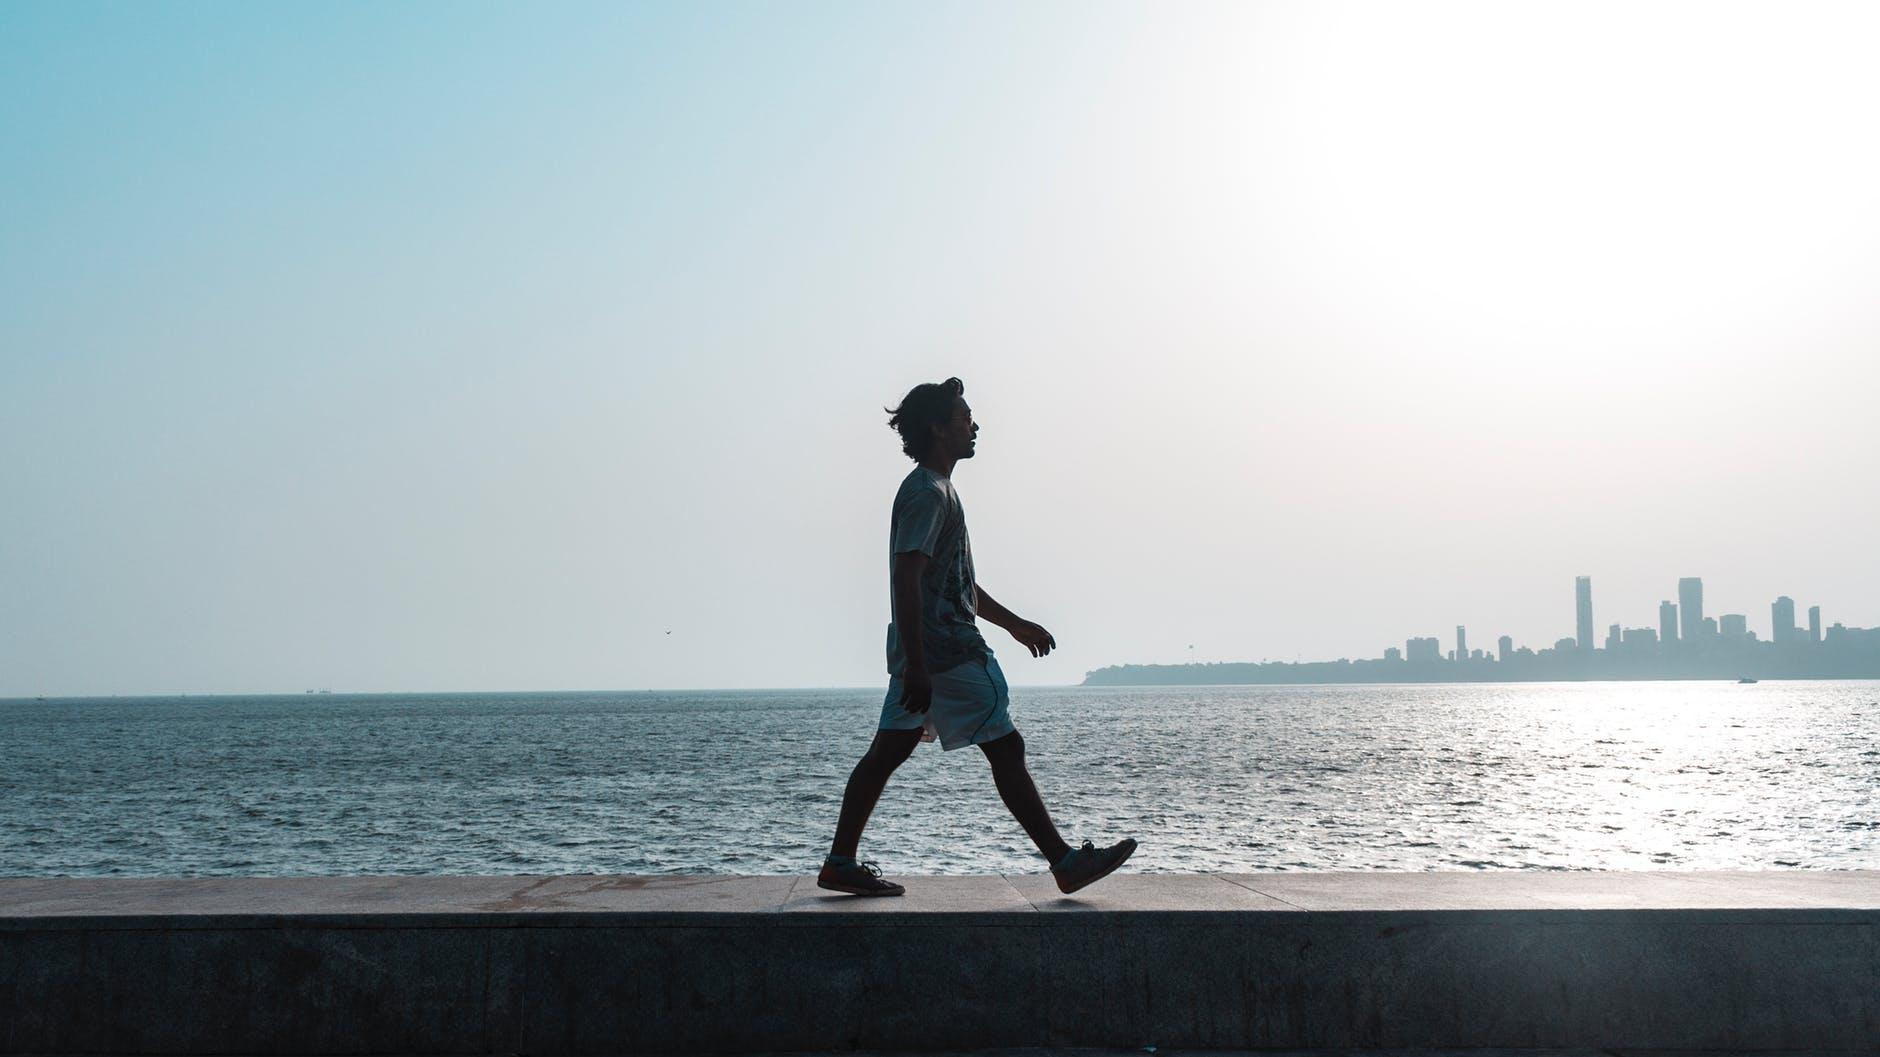 man walking near body of water